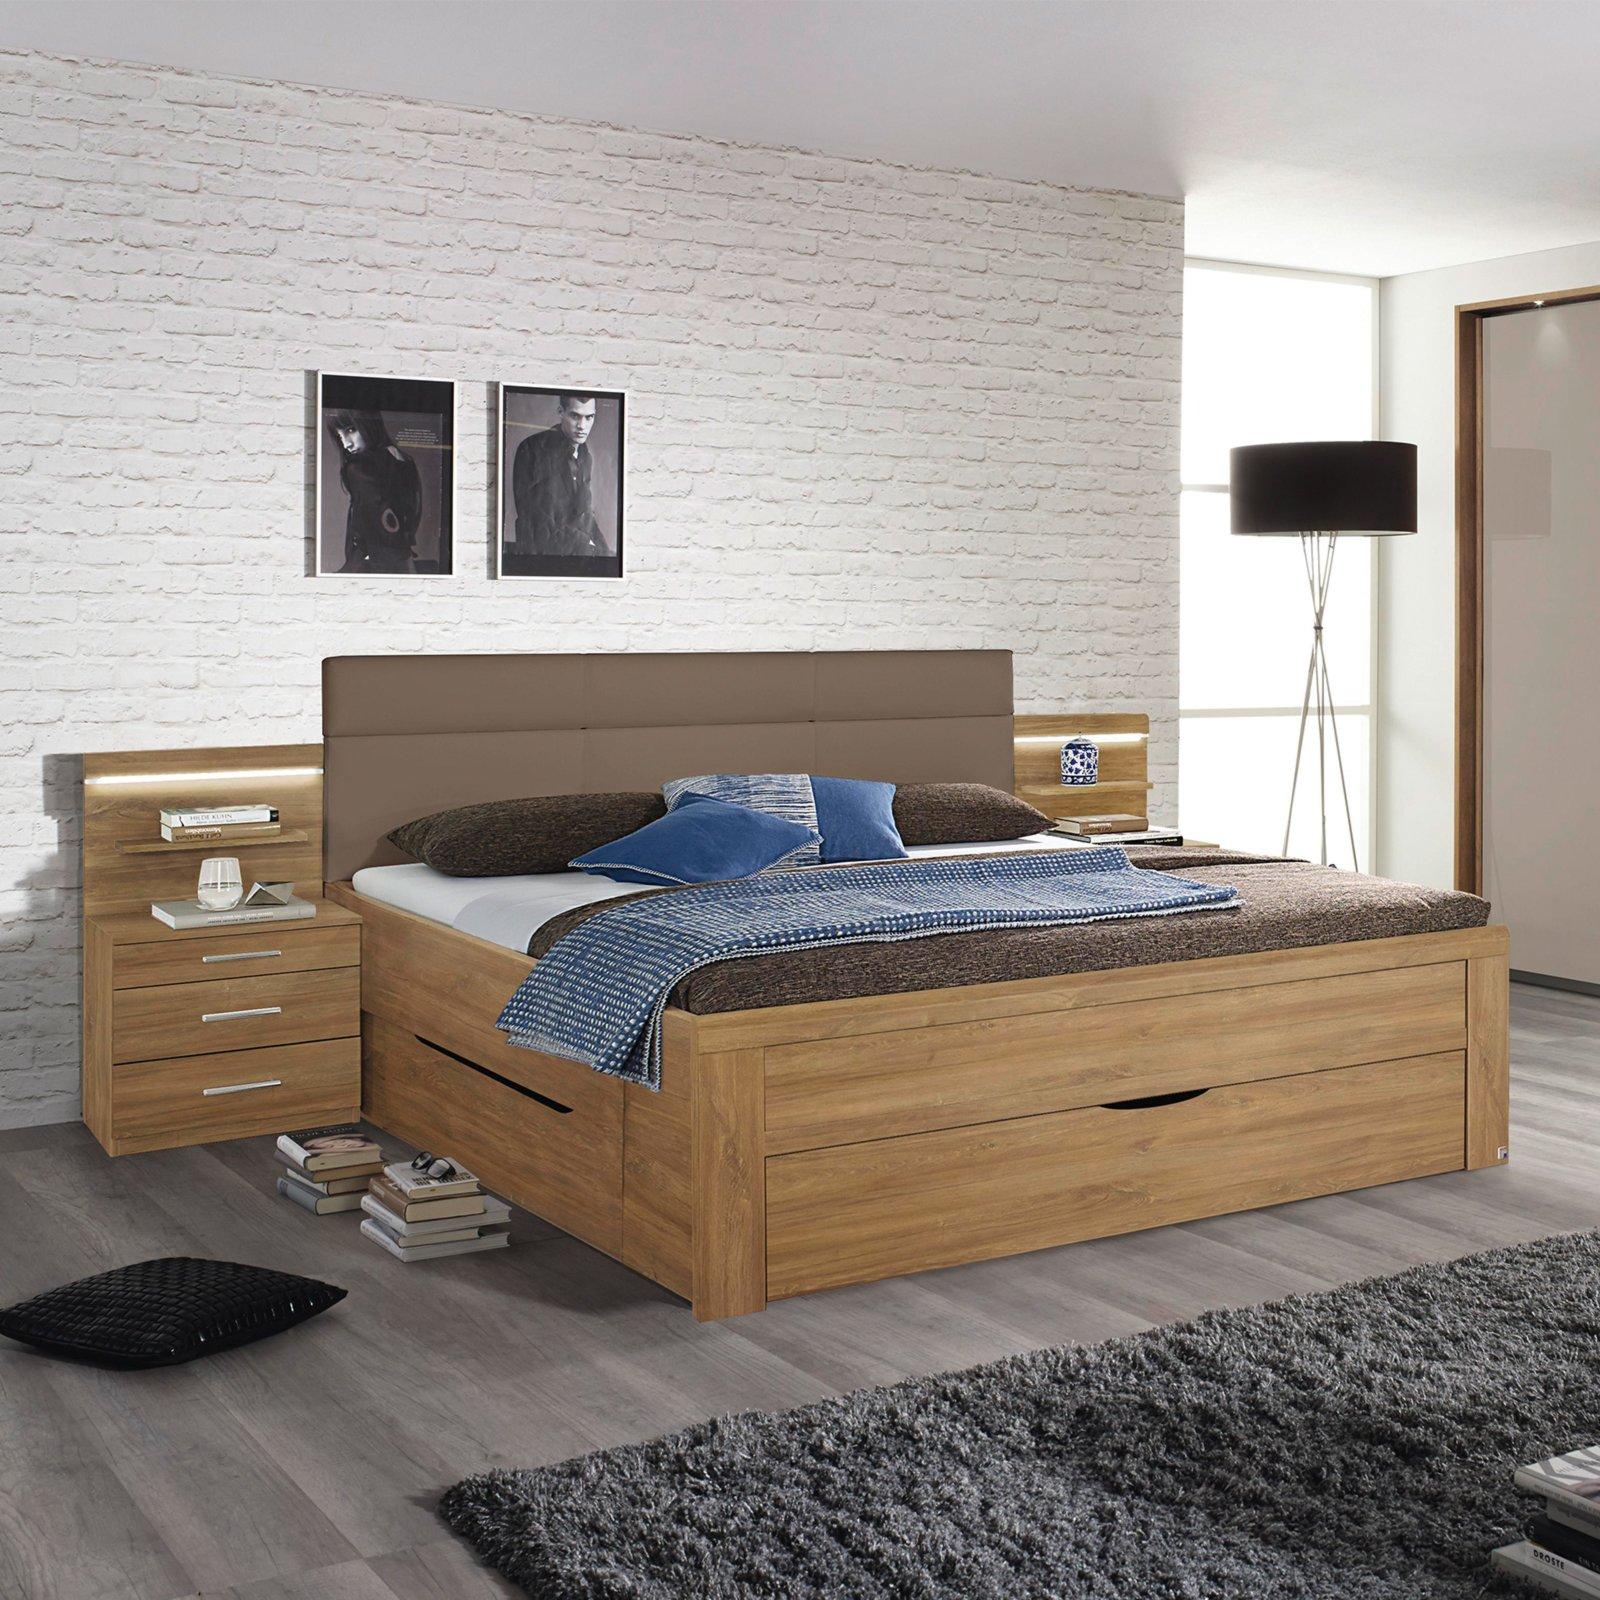 roller bettanlage karlsruhe eiche riviera nachbildung 180x200 cm ebay. Black Bedroom Furniture Sets. Home Design Ideas